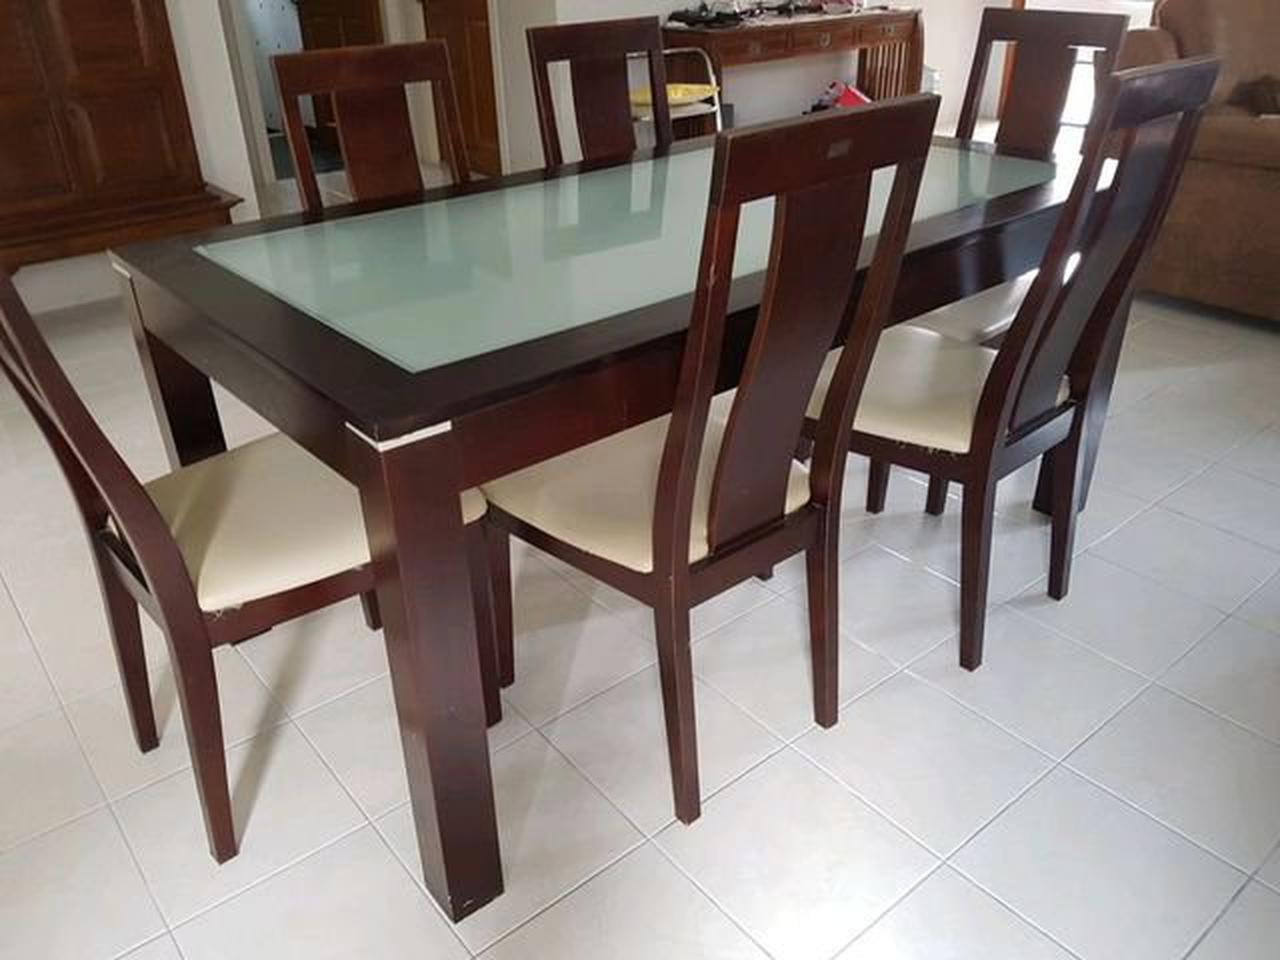 ชุดโต๊ะ พร้อมเก้าอี้ 6 ที่นั่ง  ขนาดโต๊ะ 165x90 cm. รูปที่ 3